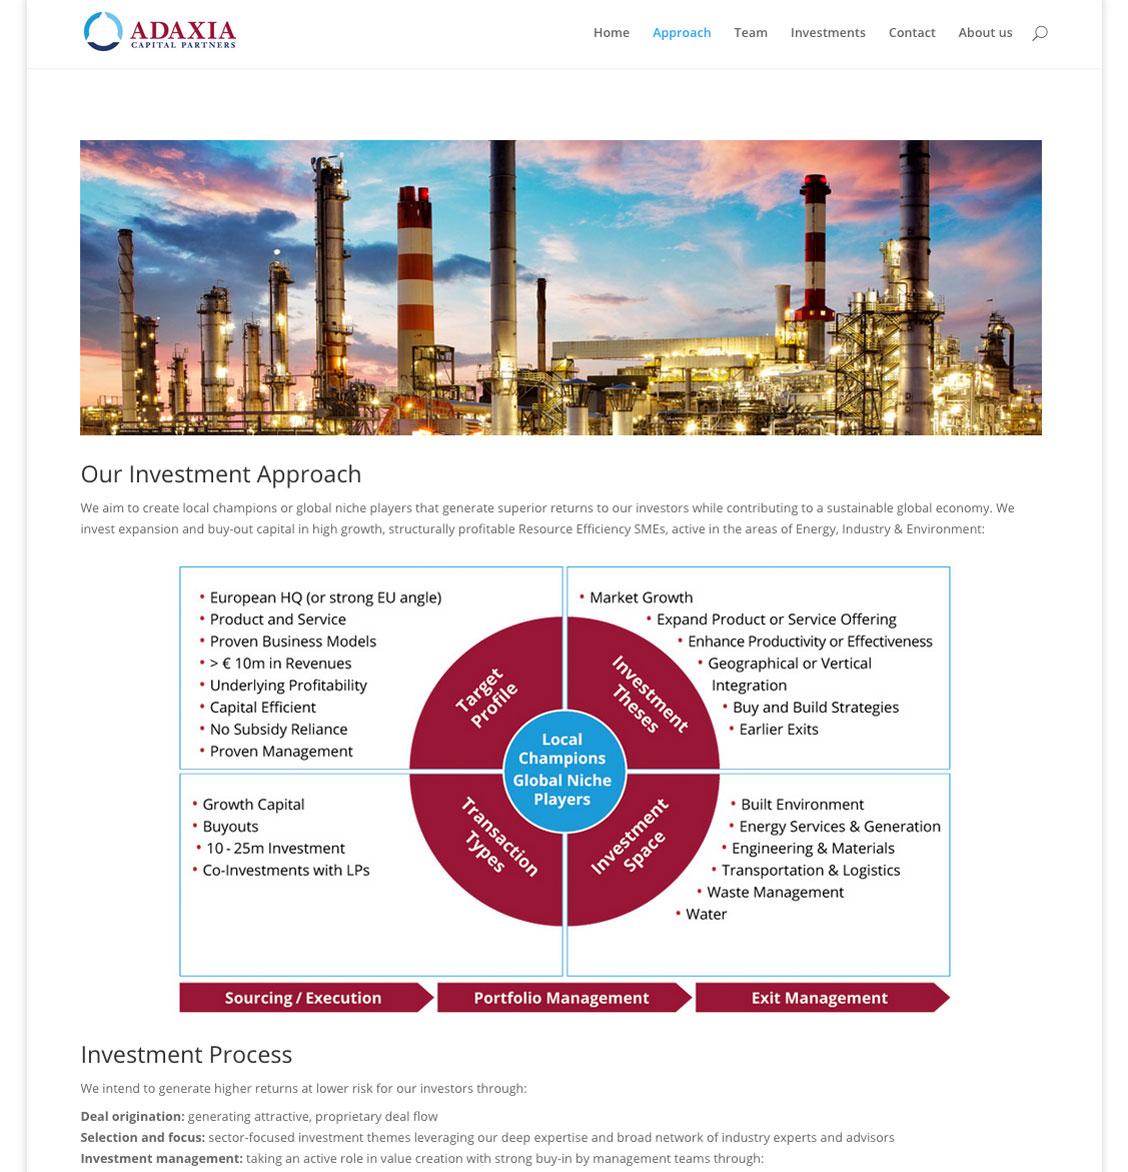 Auf der Adaxia-Strategieseite wird die Investmentstrategie vorgestellt.